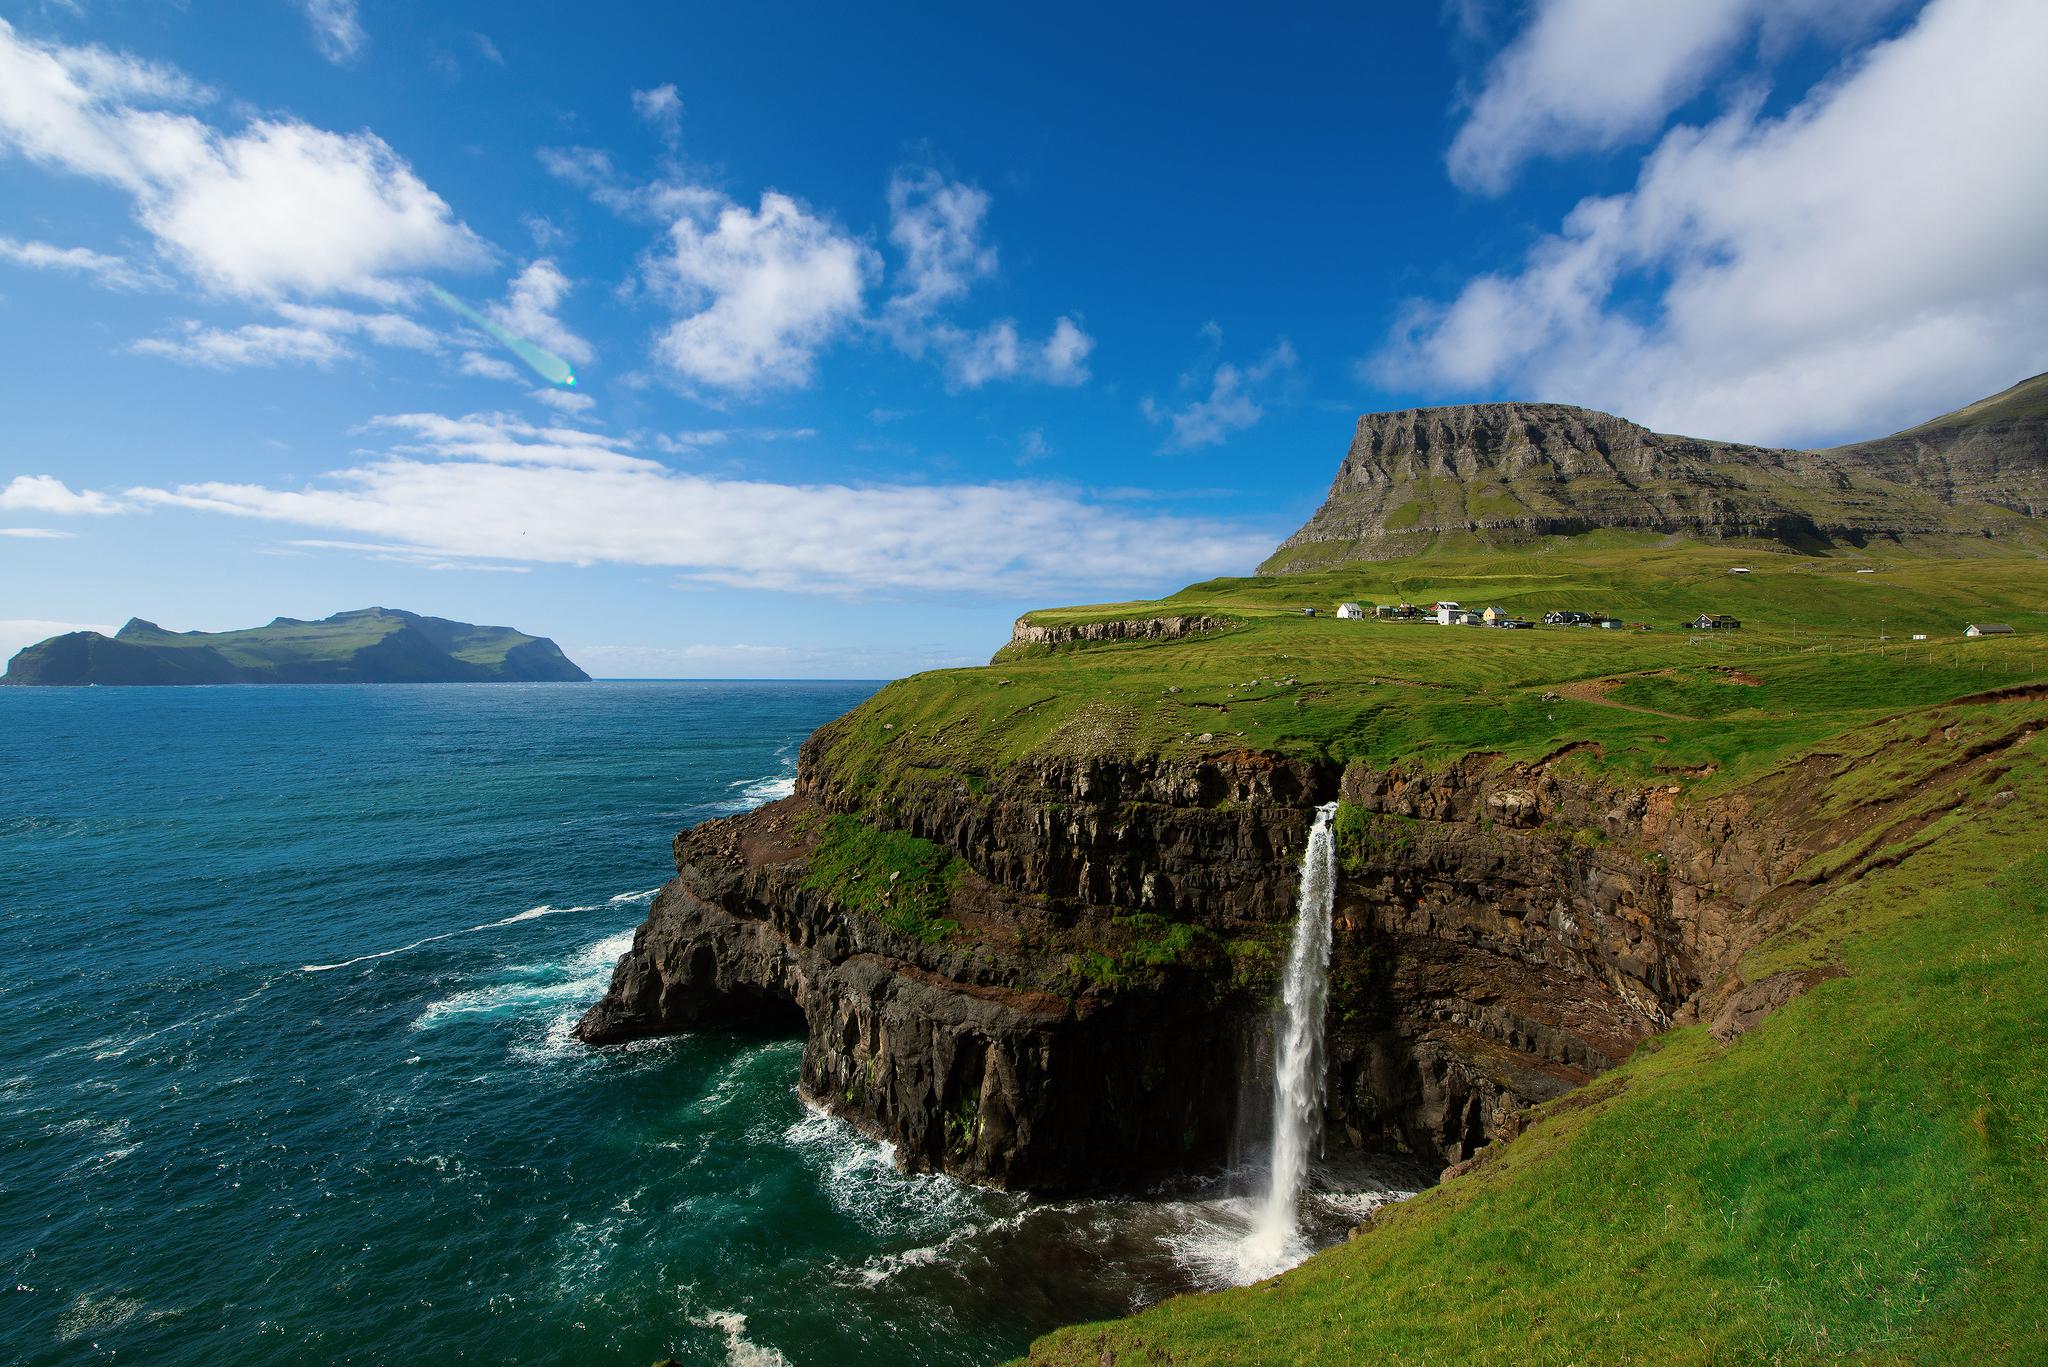 горы природа море скалы пейзаж загрузить